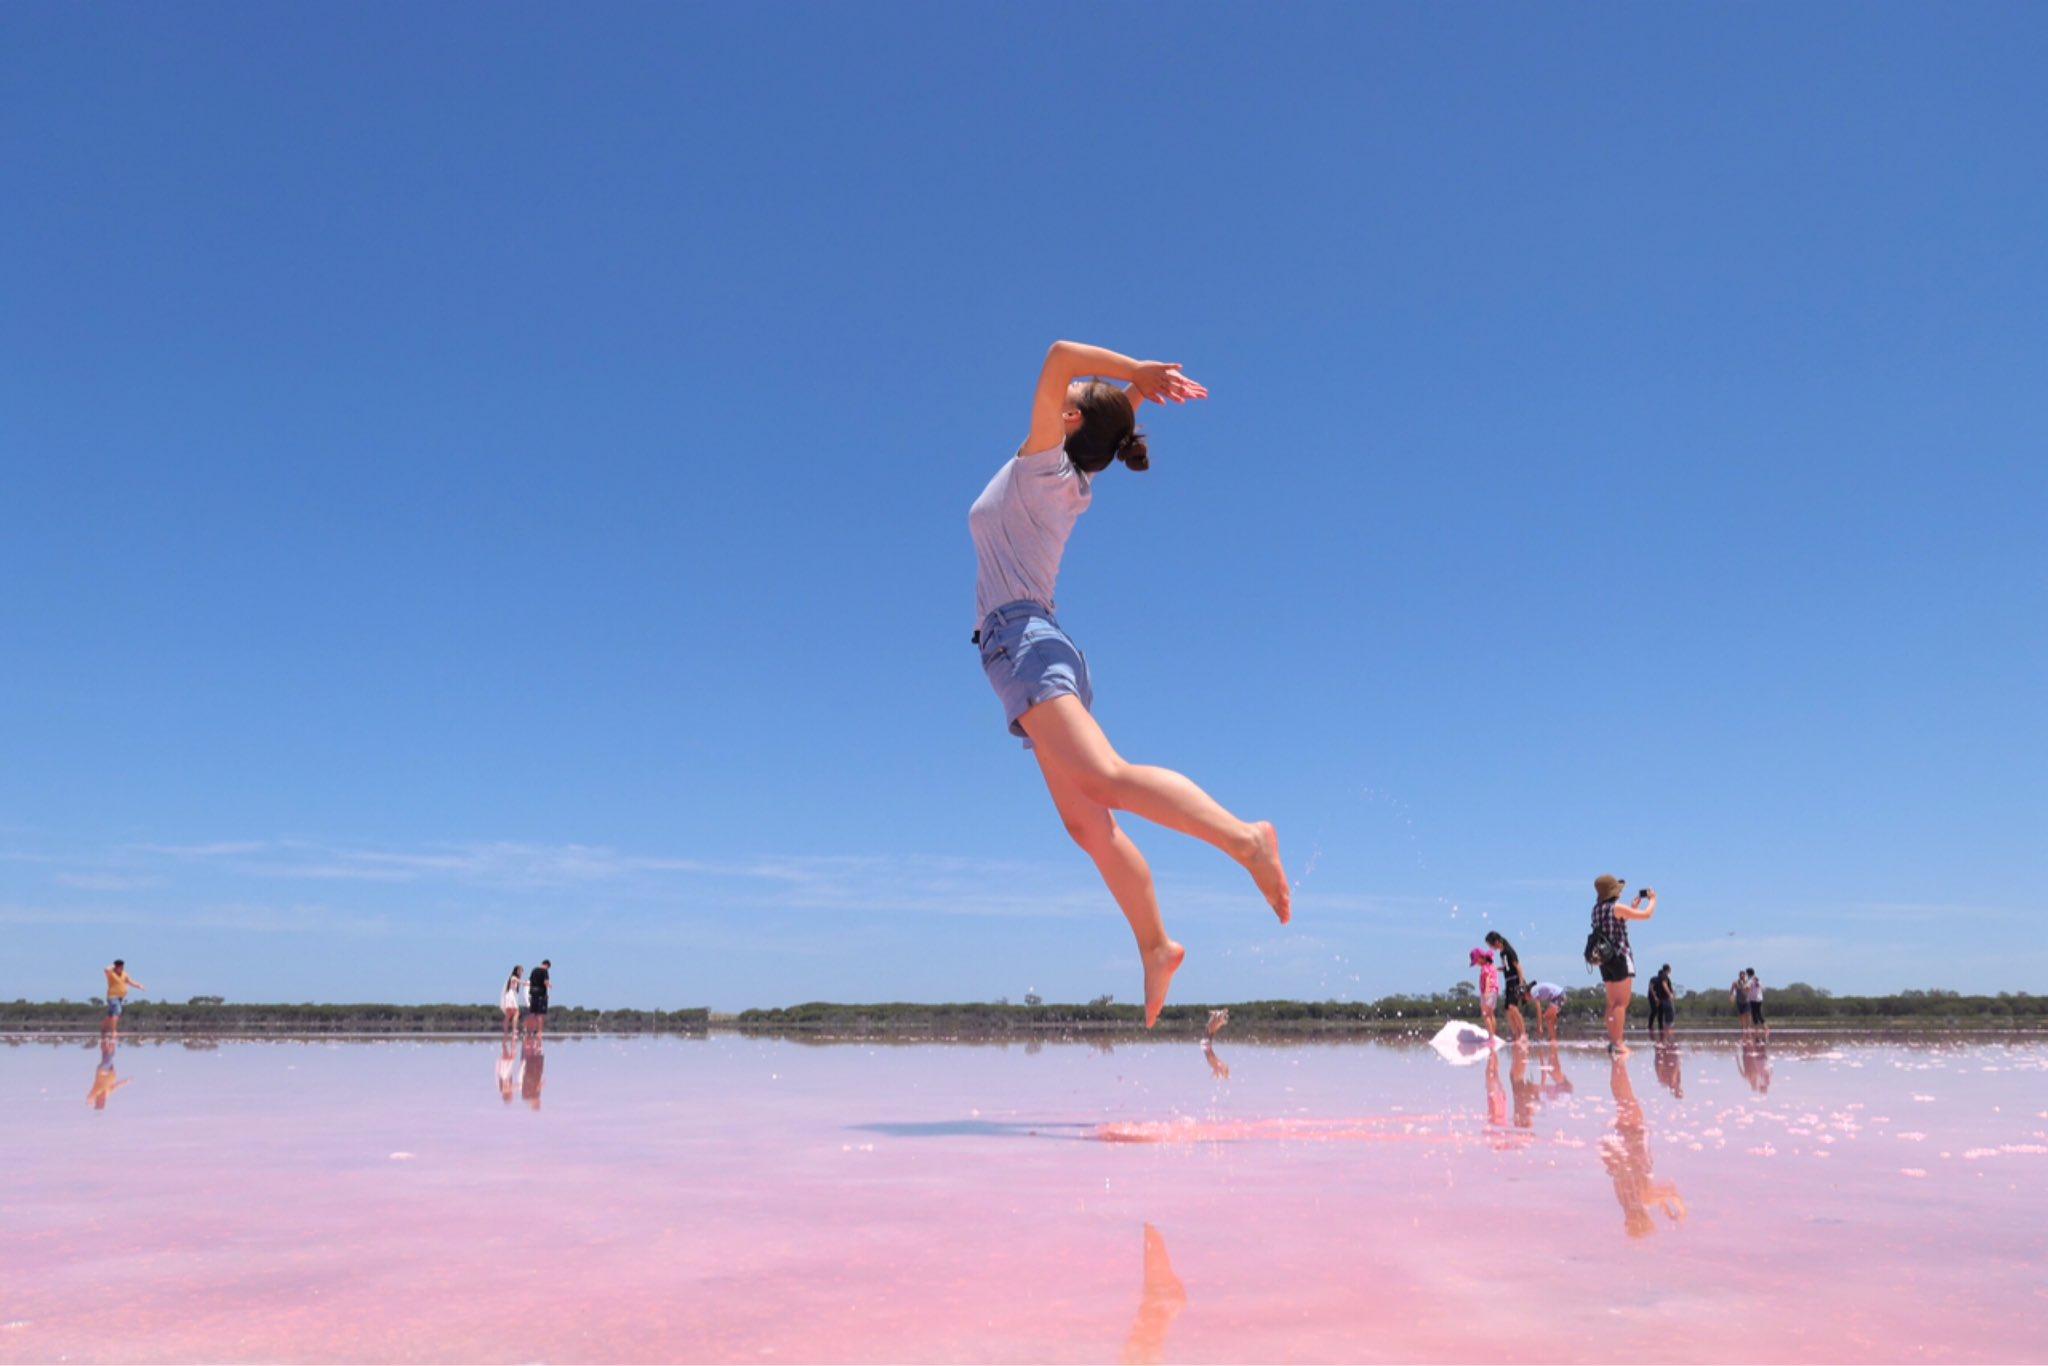 ピンクの湖が見たい!オーストラリア中のピンクレイクを全部リストアップしました!